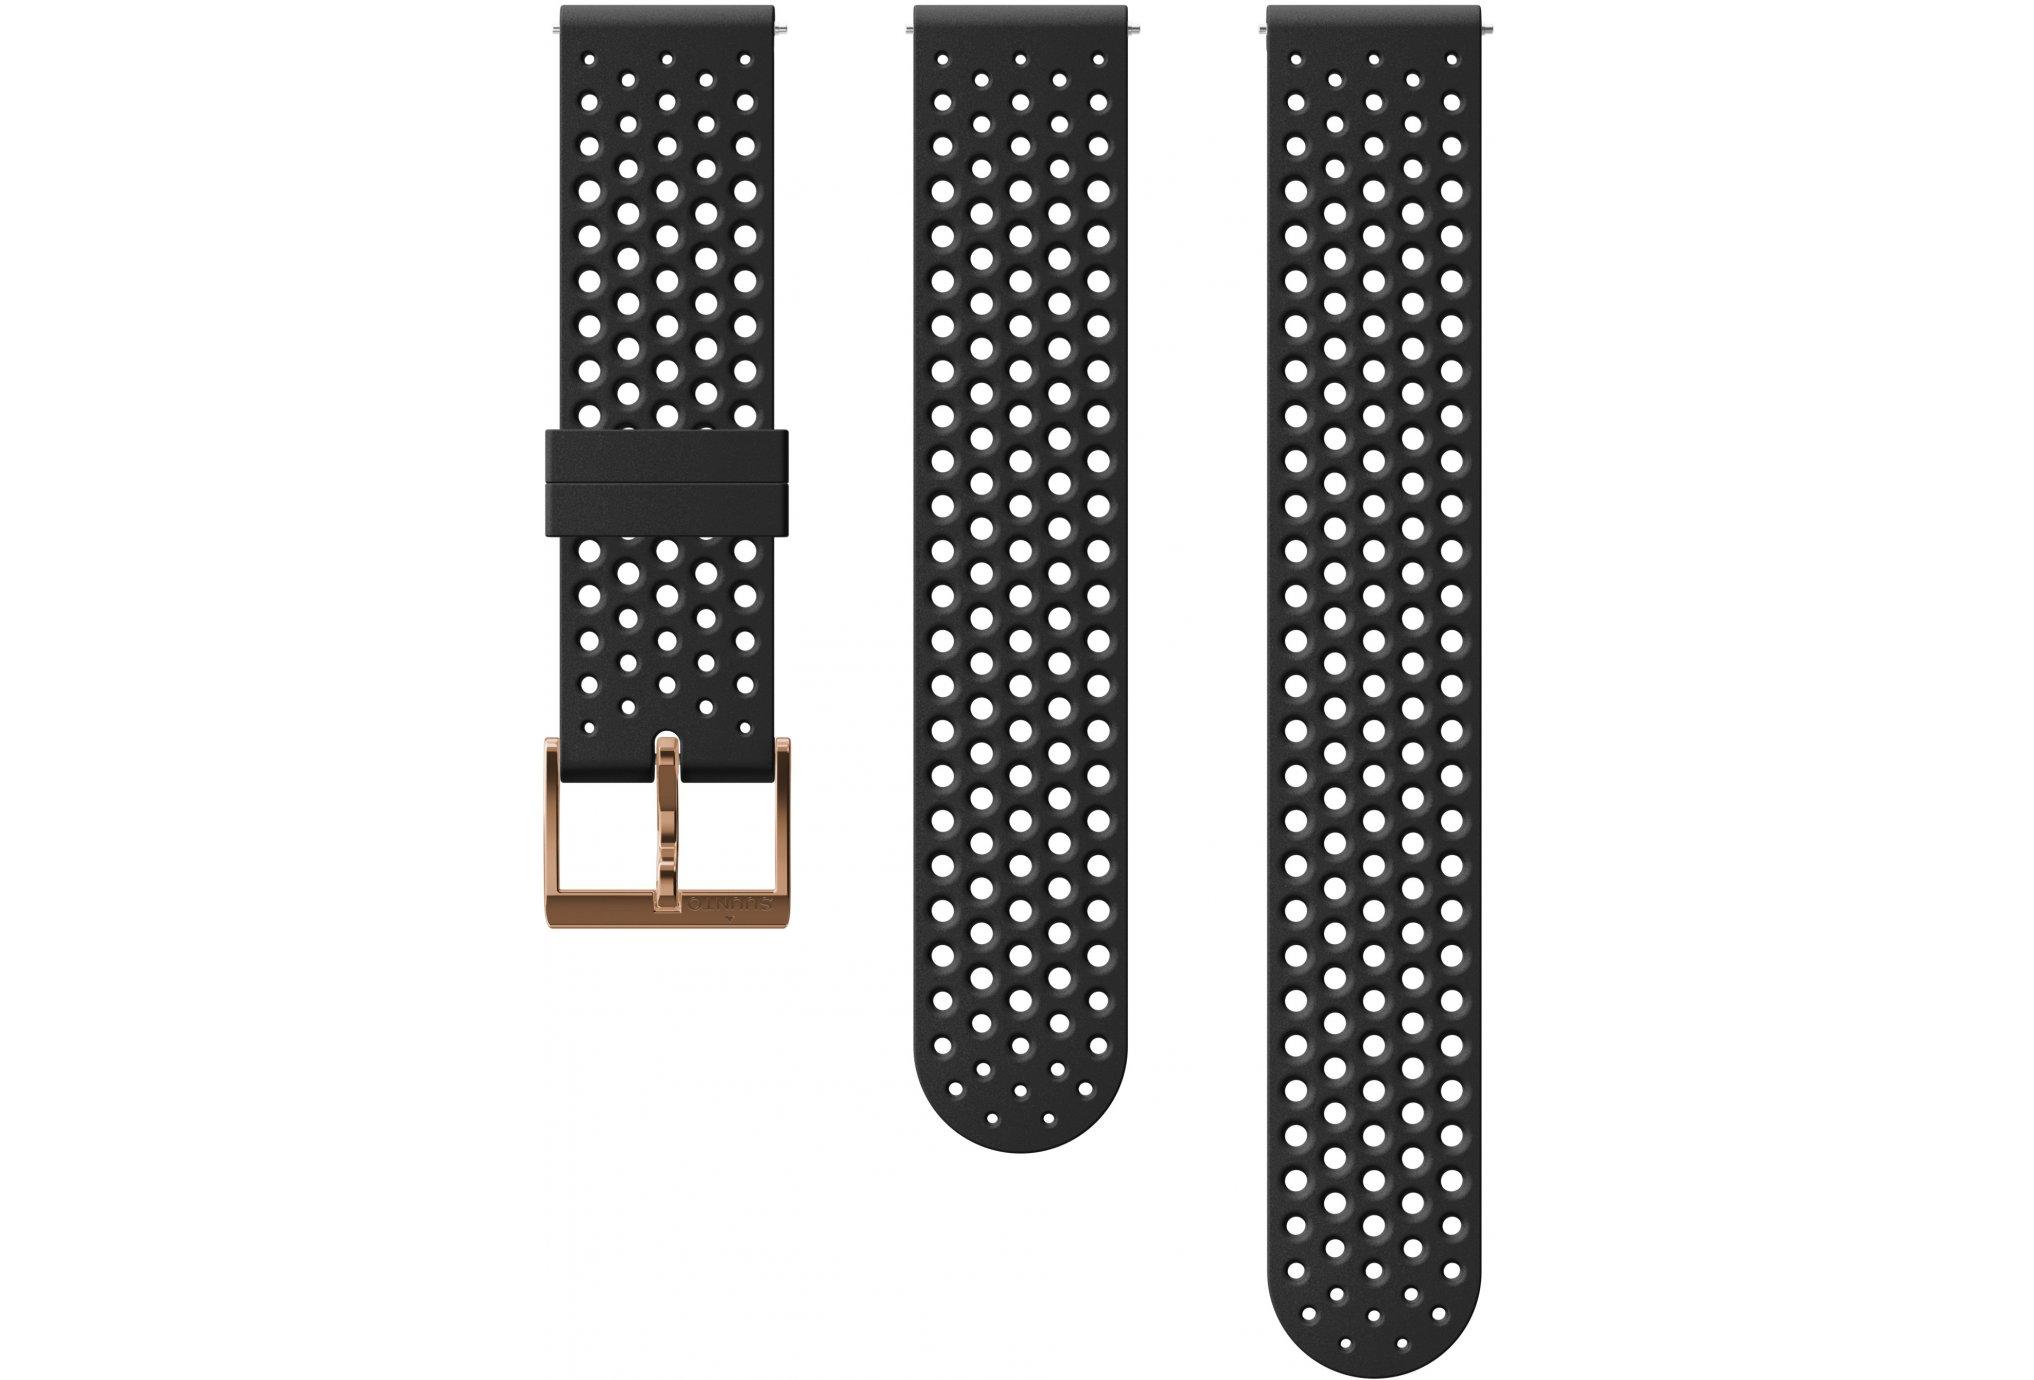 Suunto Bracelet Athletic 1 Copper Silicone - 20 mm Accessoires montres/ Bracelets